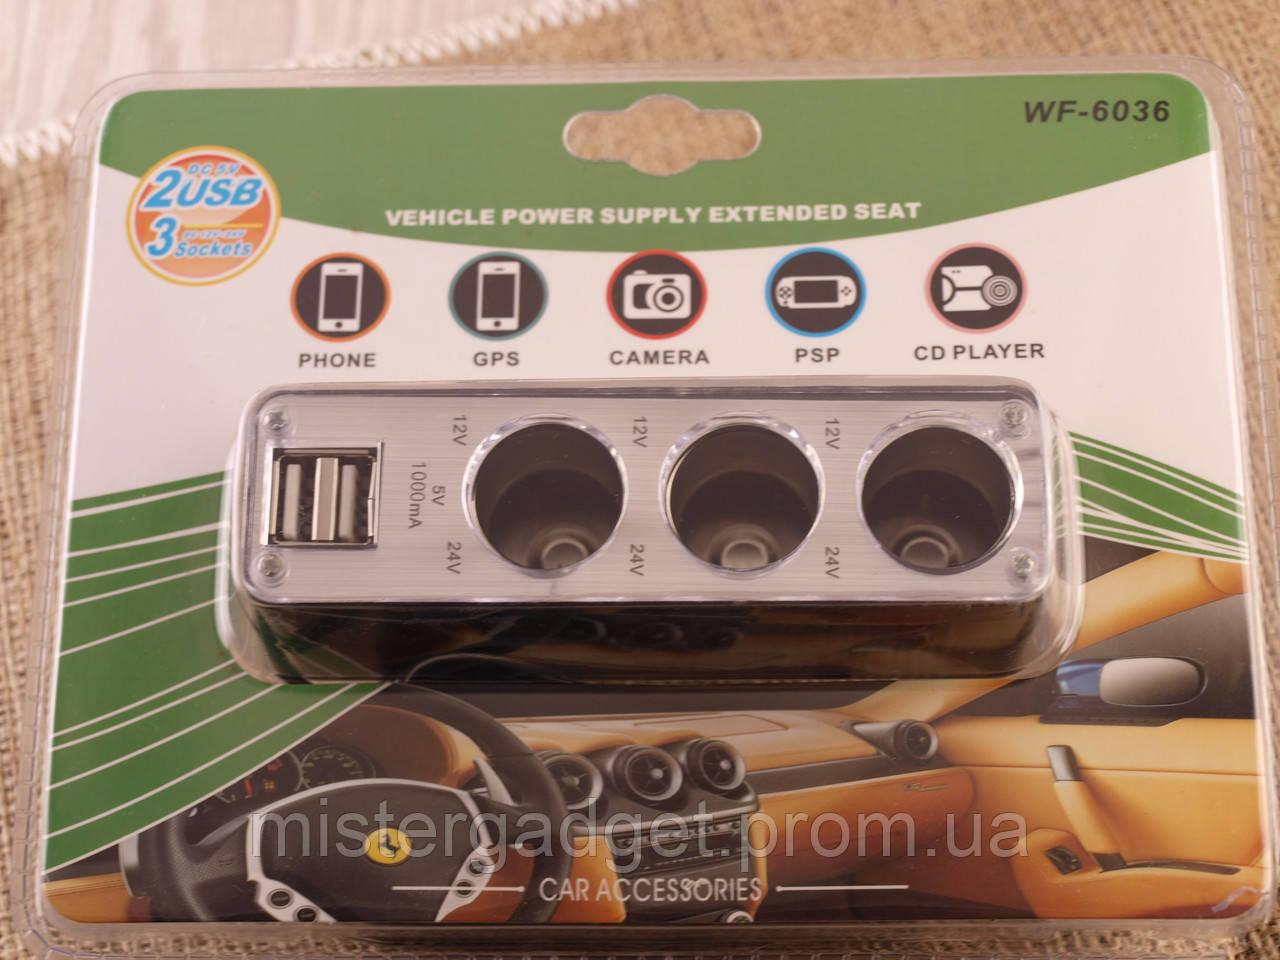 Разветвитель для прикуривателя WF-6036 1000mA 2-Usb Тройник для авто